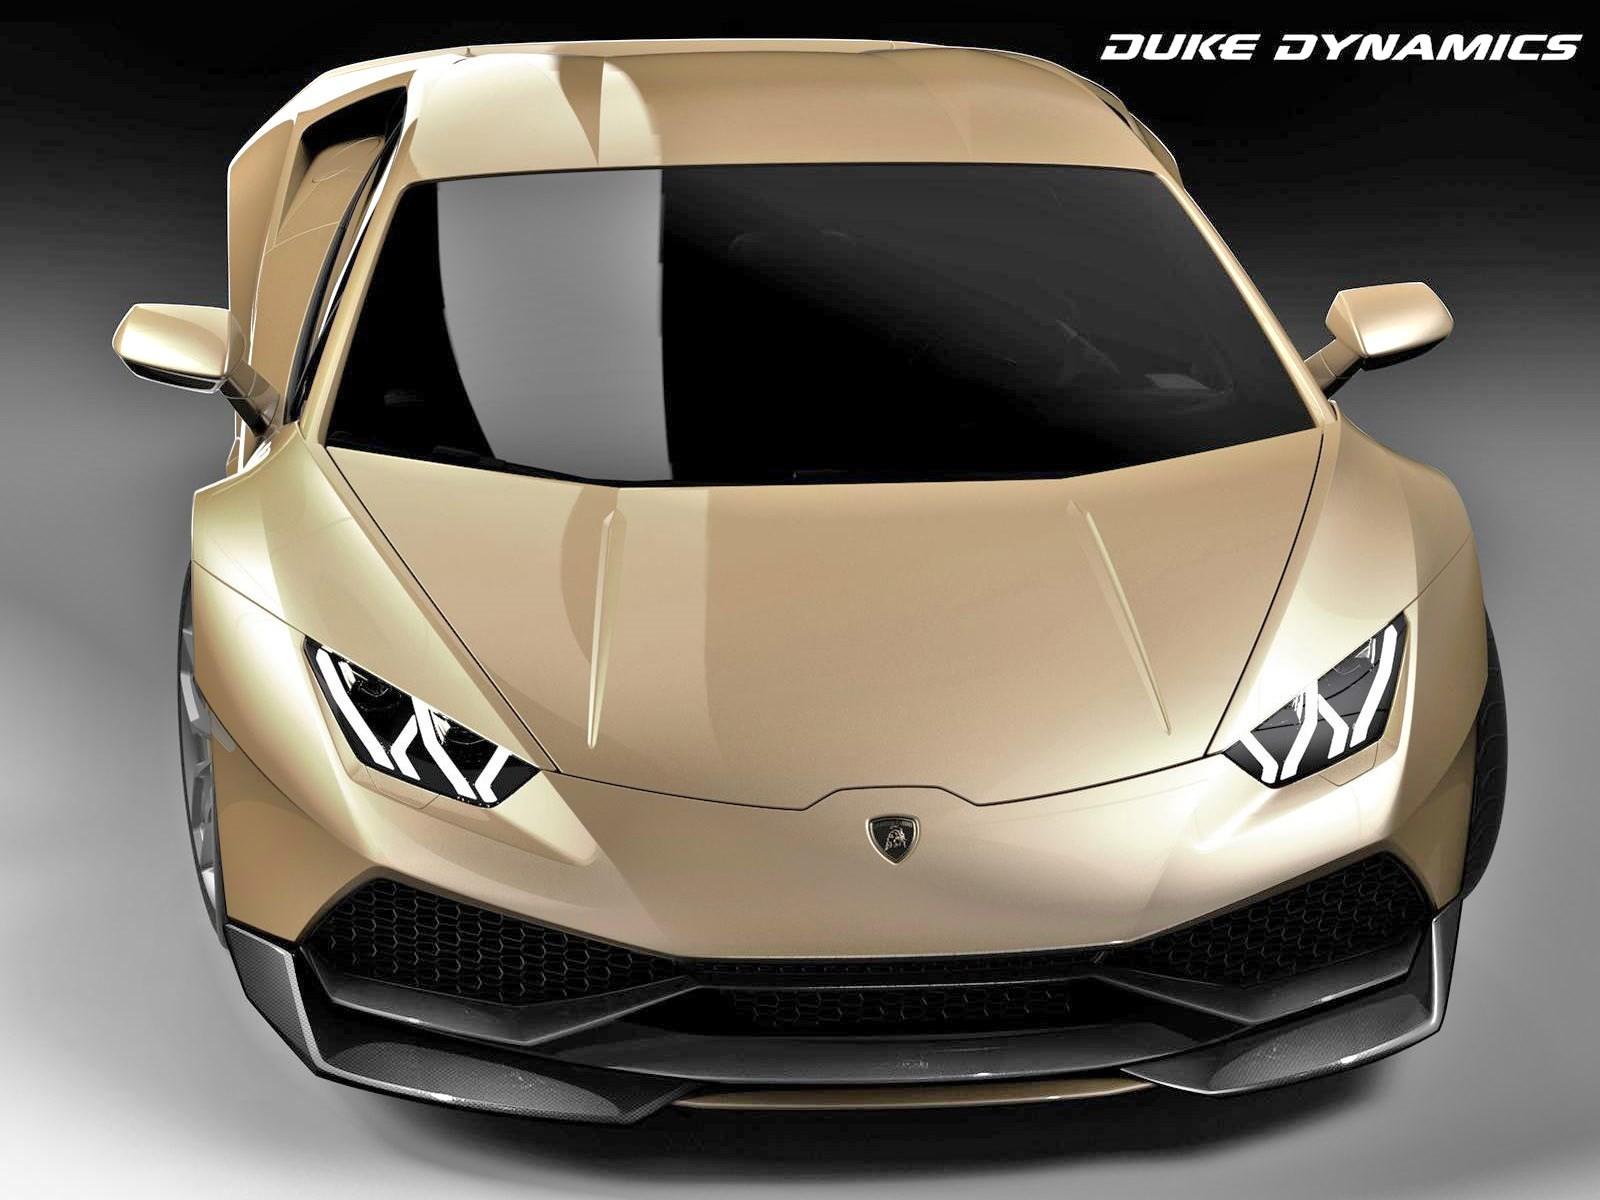 Lamborghini Huracan Minotauro 2014 - Duke Dynamics